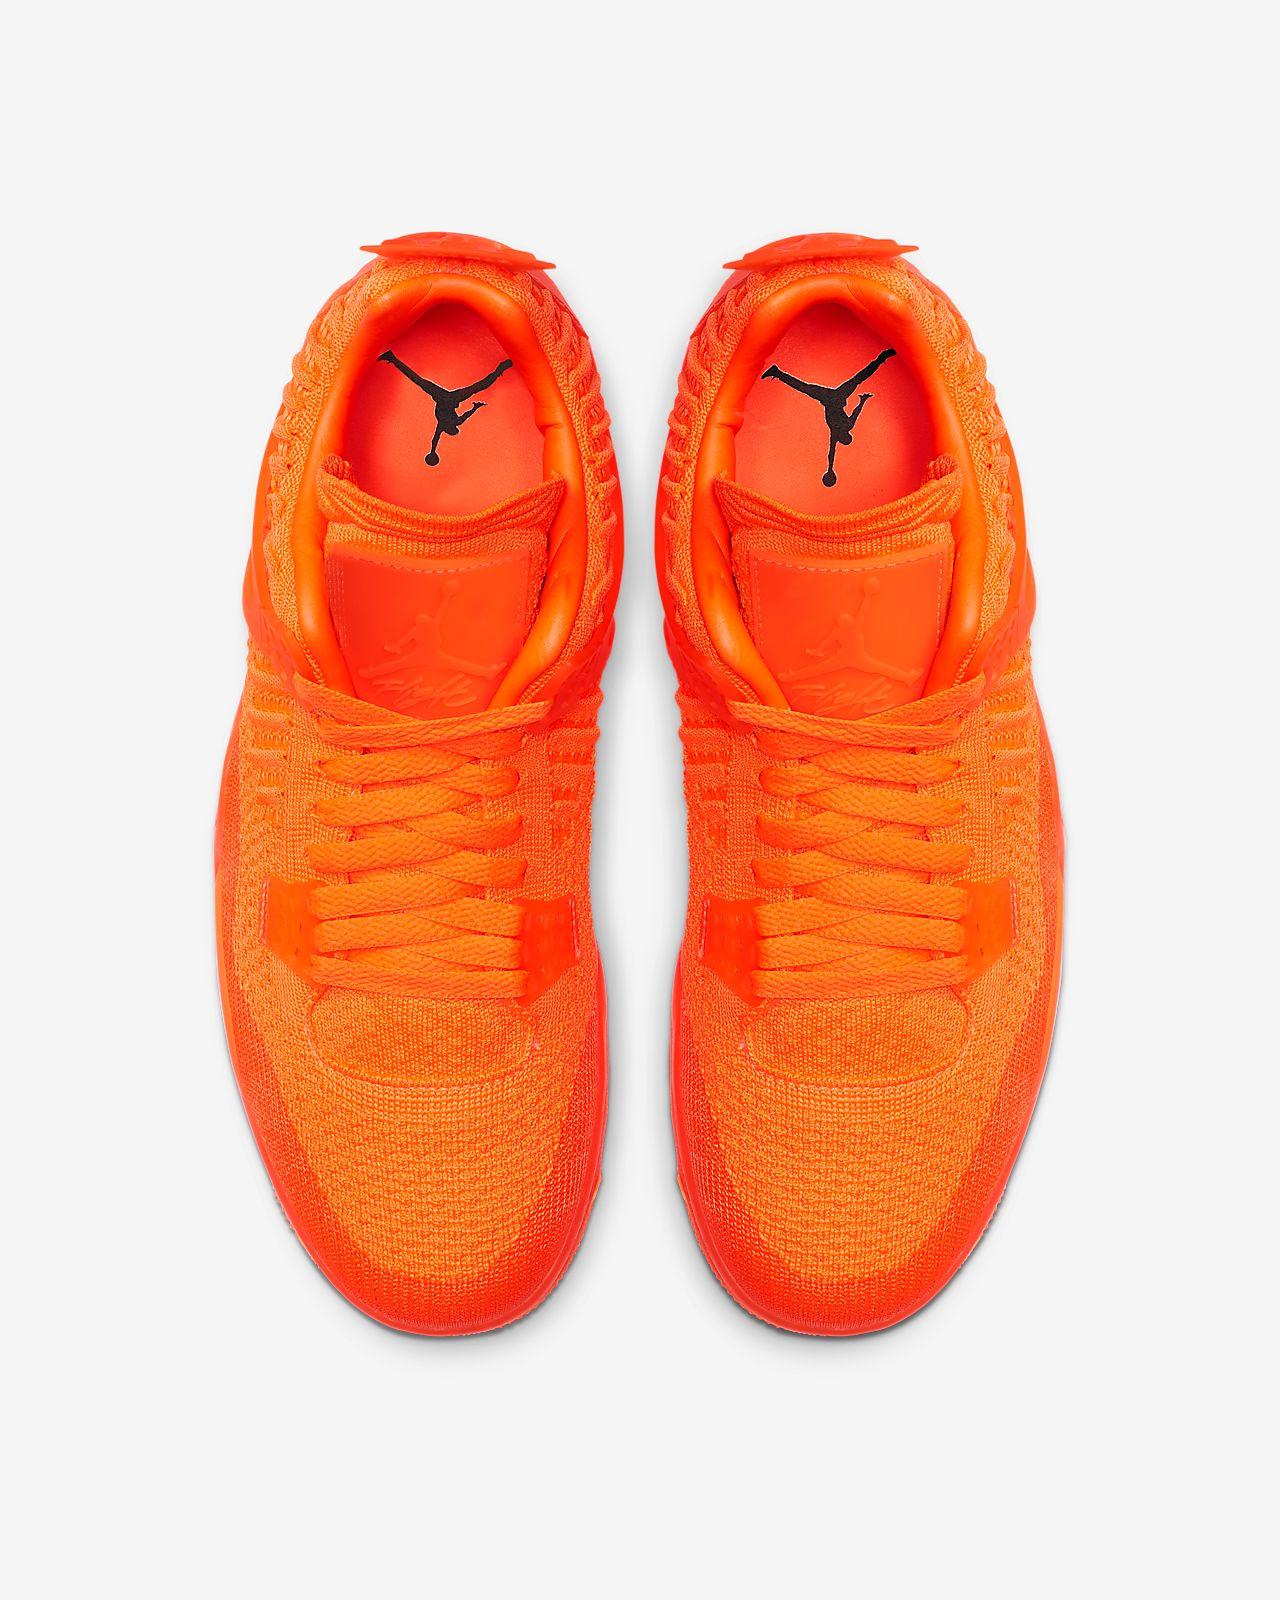 pas mal 0a8e8 d05d1 Chaussure Air Jordan 4 Retro Flyknit pour Homme